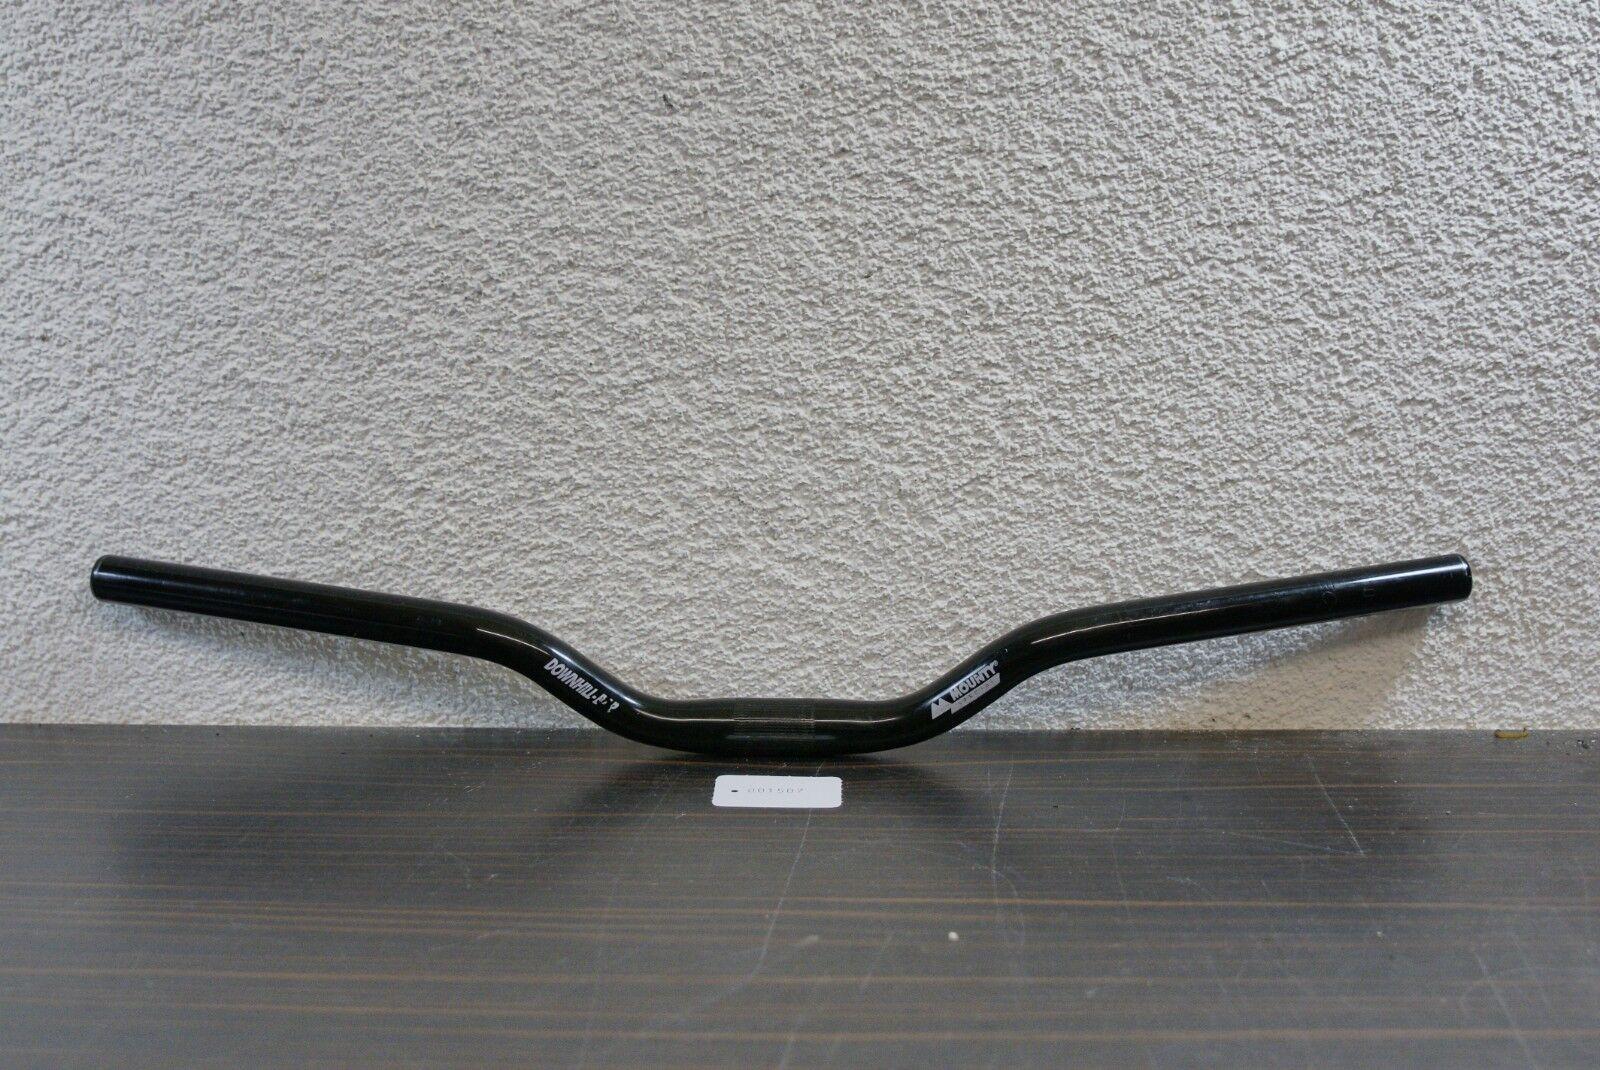 Mounty Special Downhill Bar Lenke Riser 25,4mm Lenkerkl. 610mm Breite Kult Retro